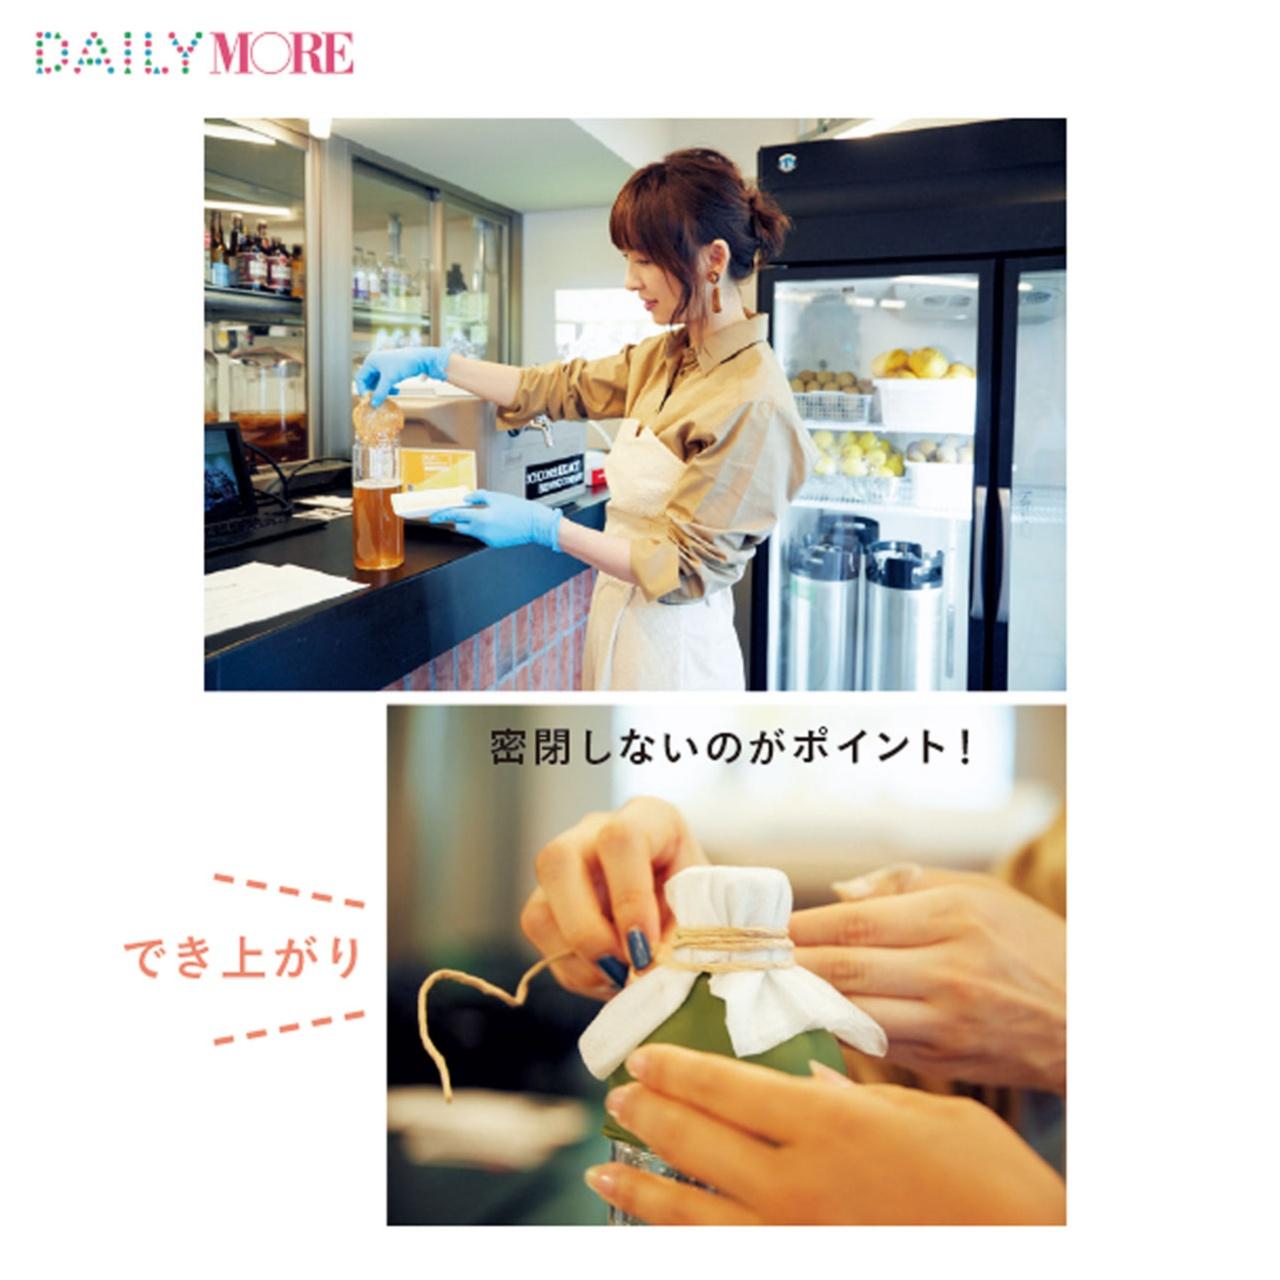 篠田麻里子が体験♡ 話題の「『KOMBUCHA』 株分けワークショップ」に行こう!【麻里子のナライゴトハジメ】_2_4